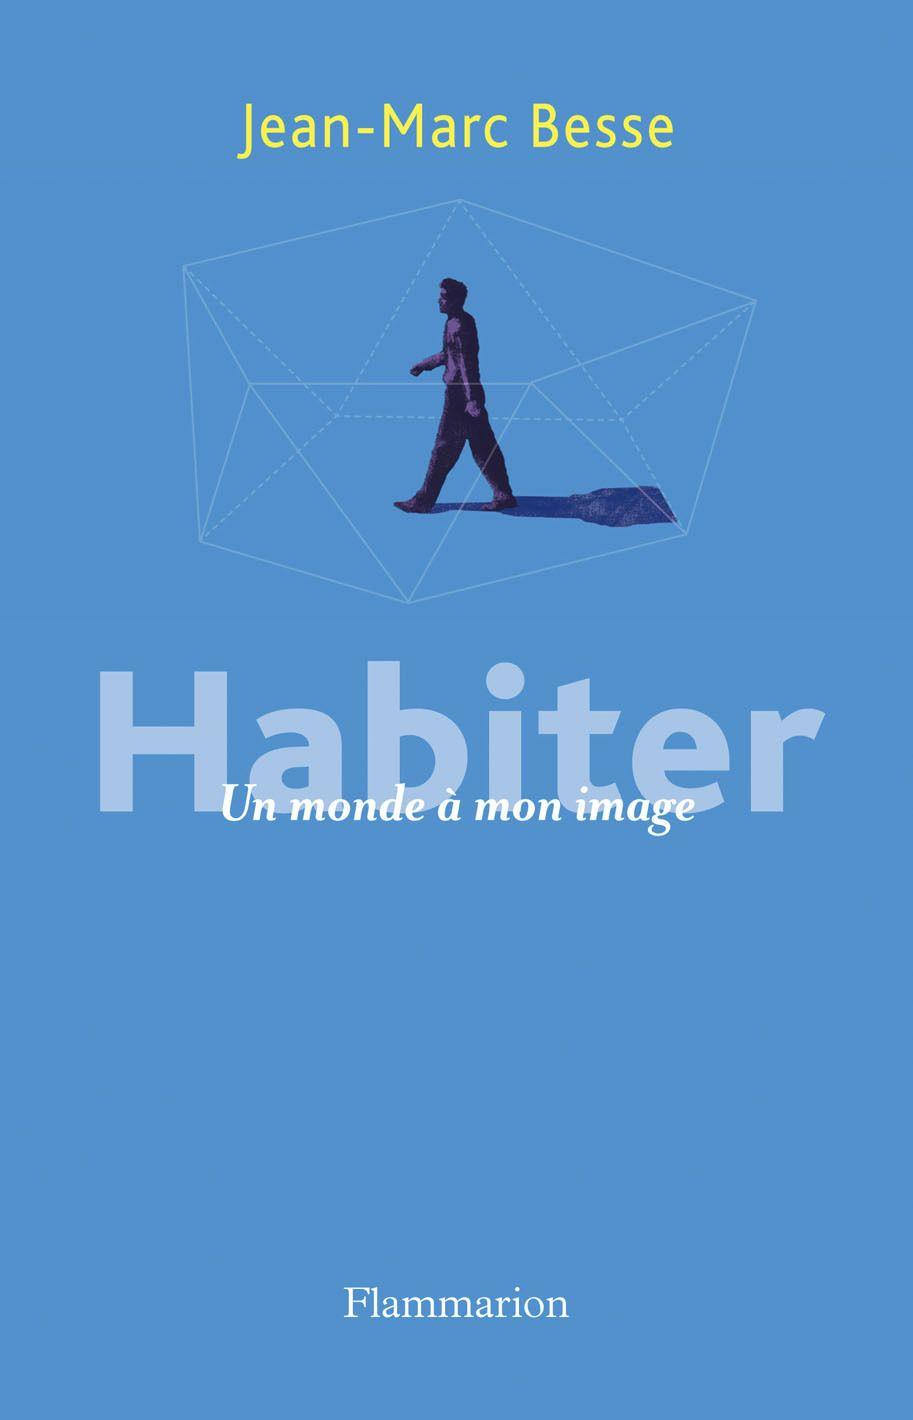 Habiter |